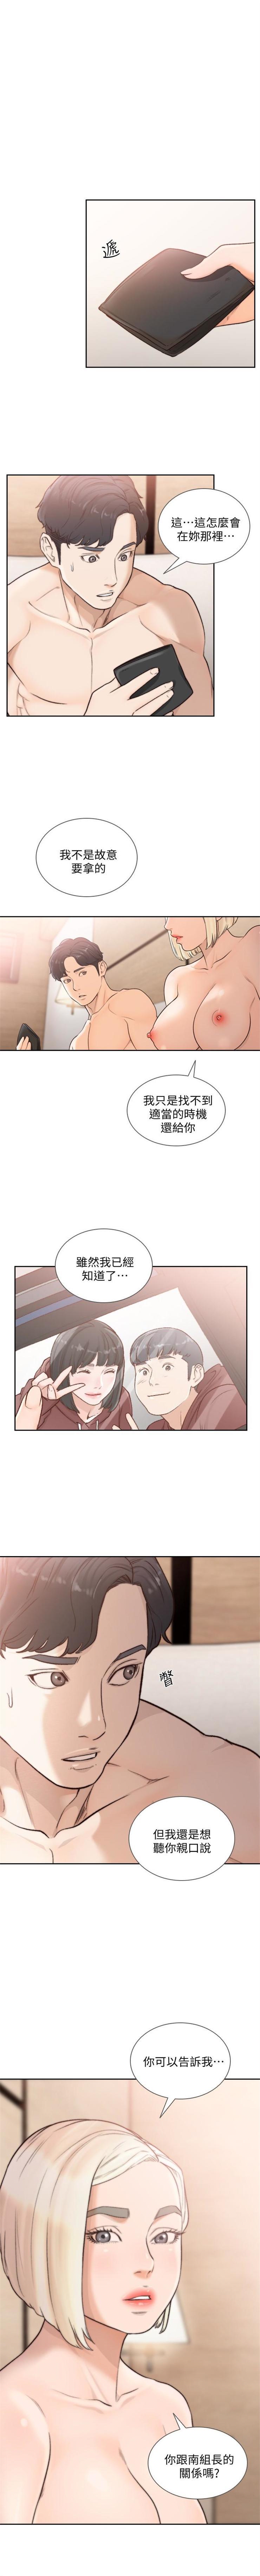 前女友 1-48 中文翻译(更新中) 202